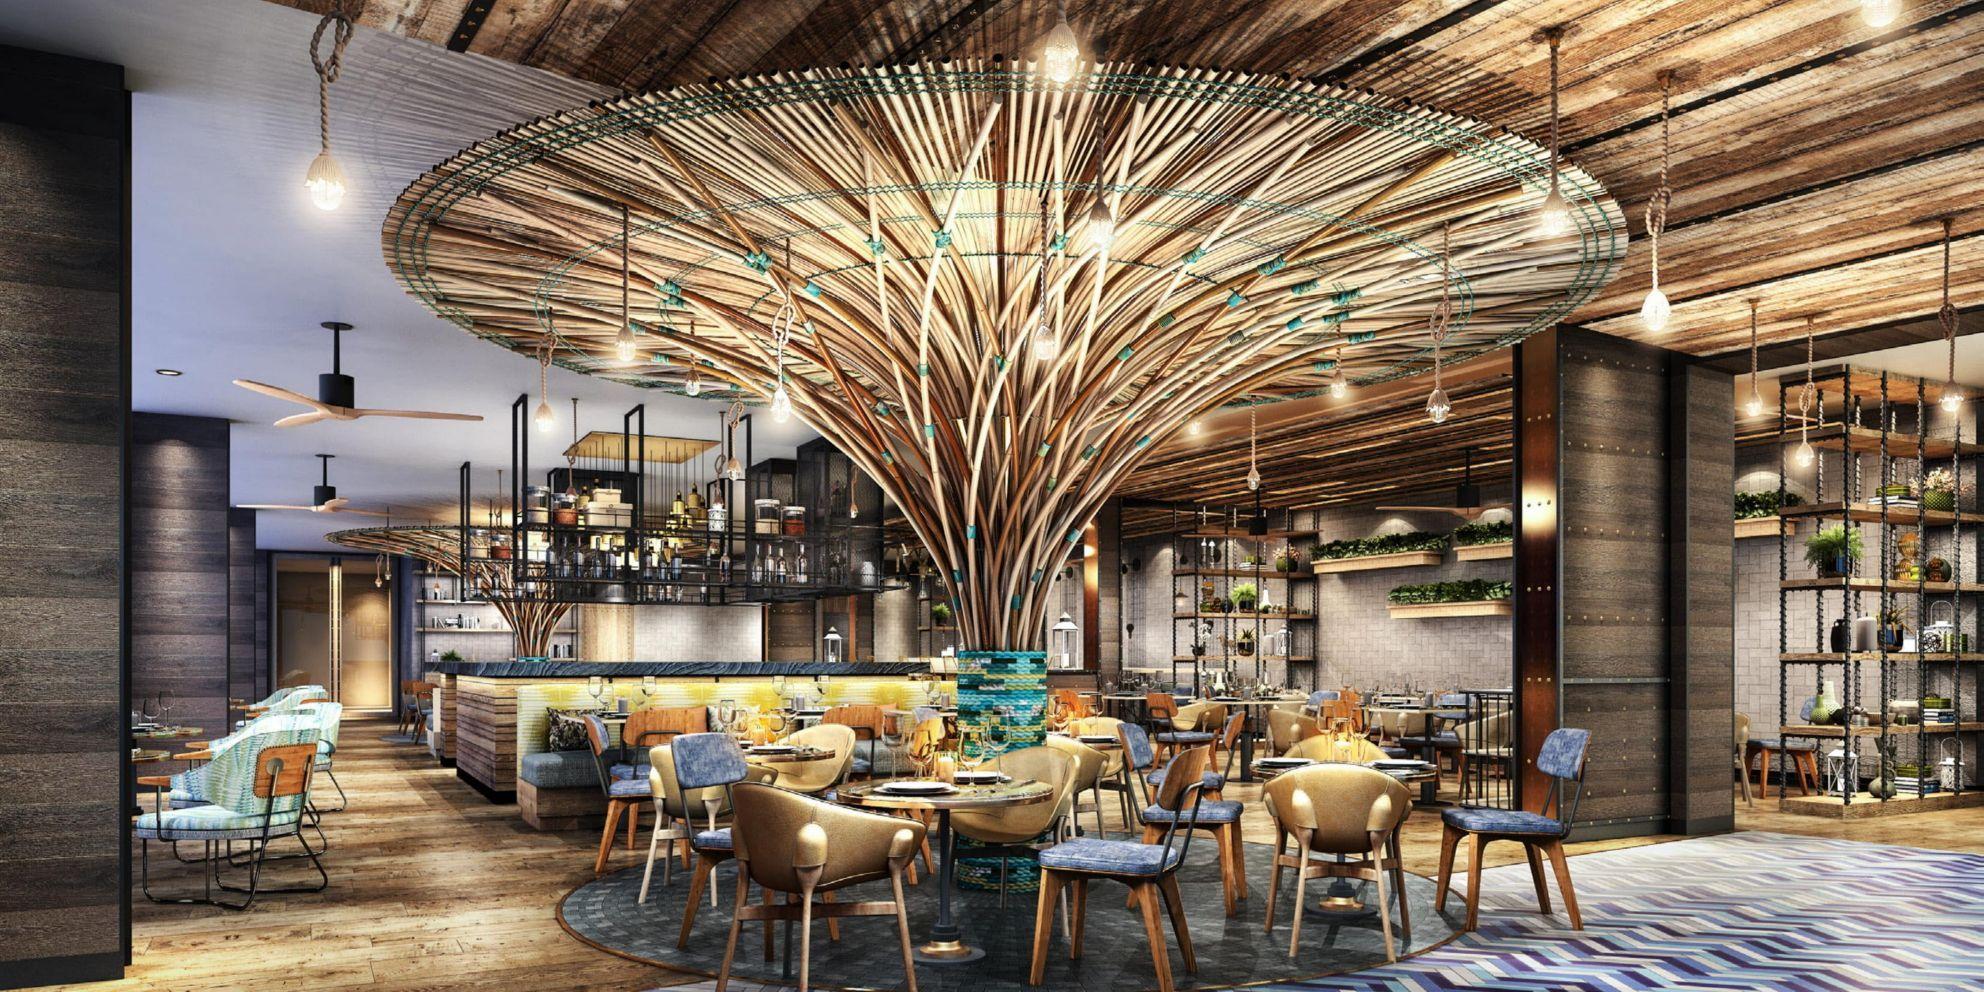 Hotel Indigo Phuket Patong All Day Dining Dengan Gambar